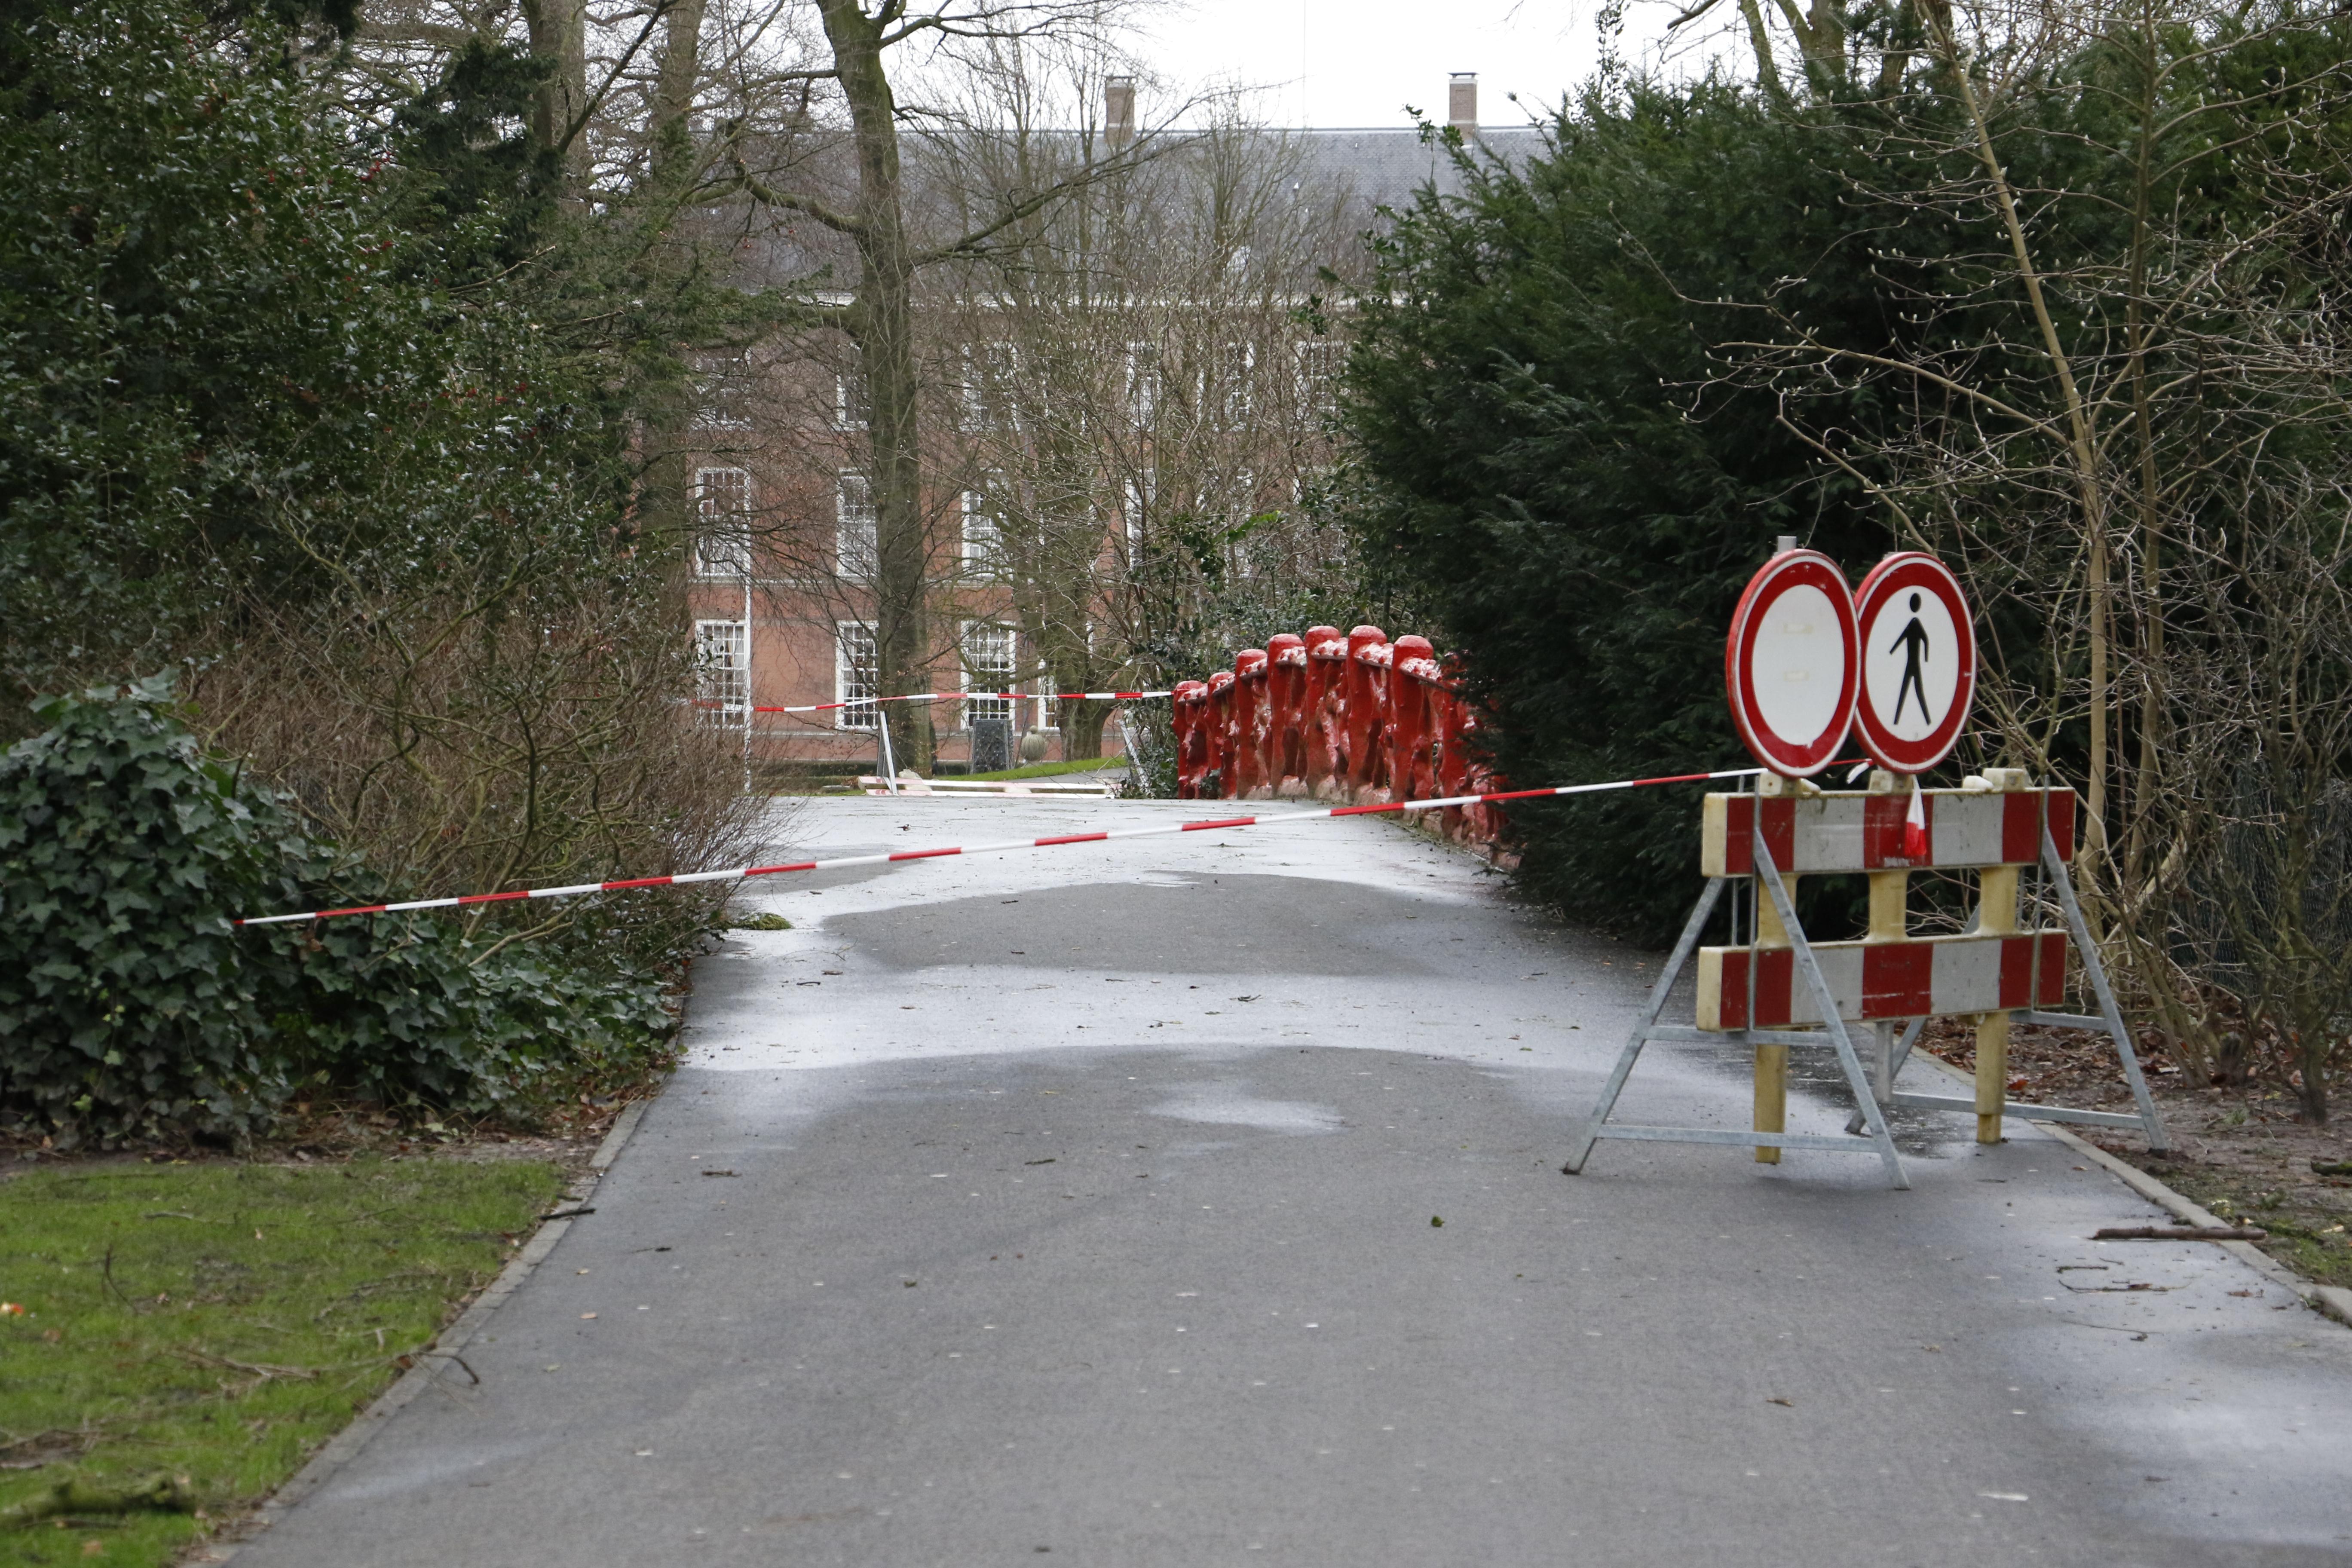 Een groot stuk van een boom waaide los en richtte schade aan, daardoor is de brug tijdelijk afgezet.